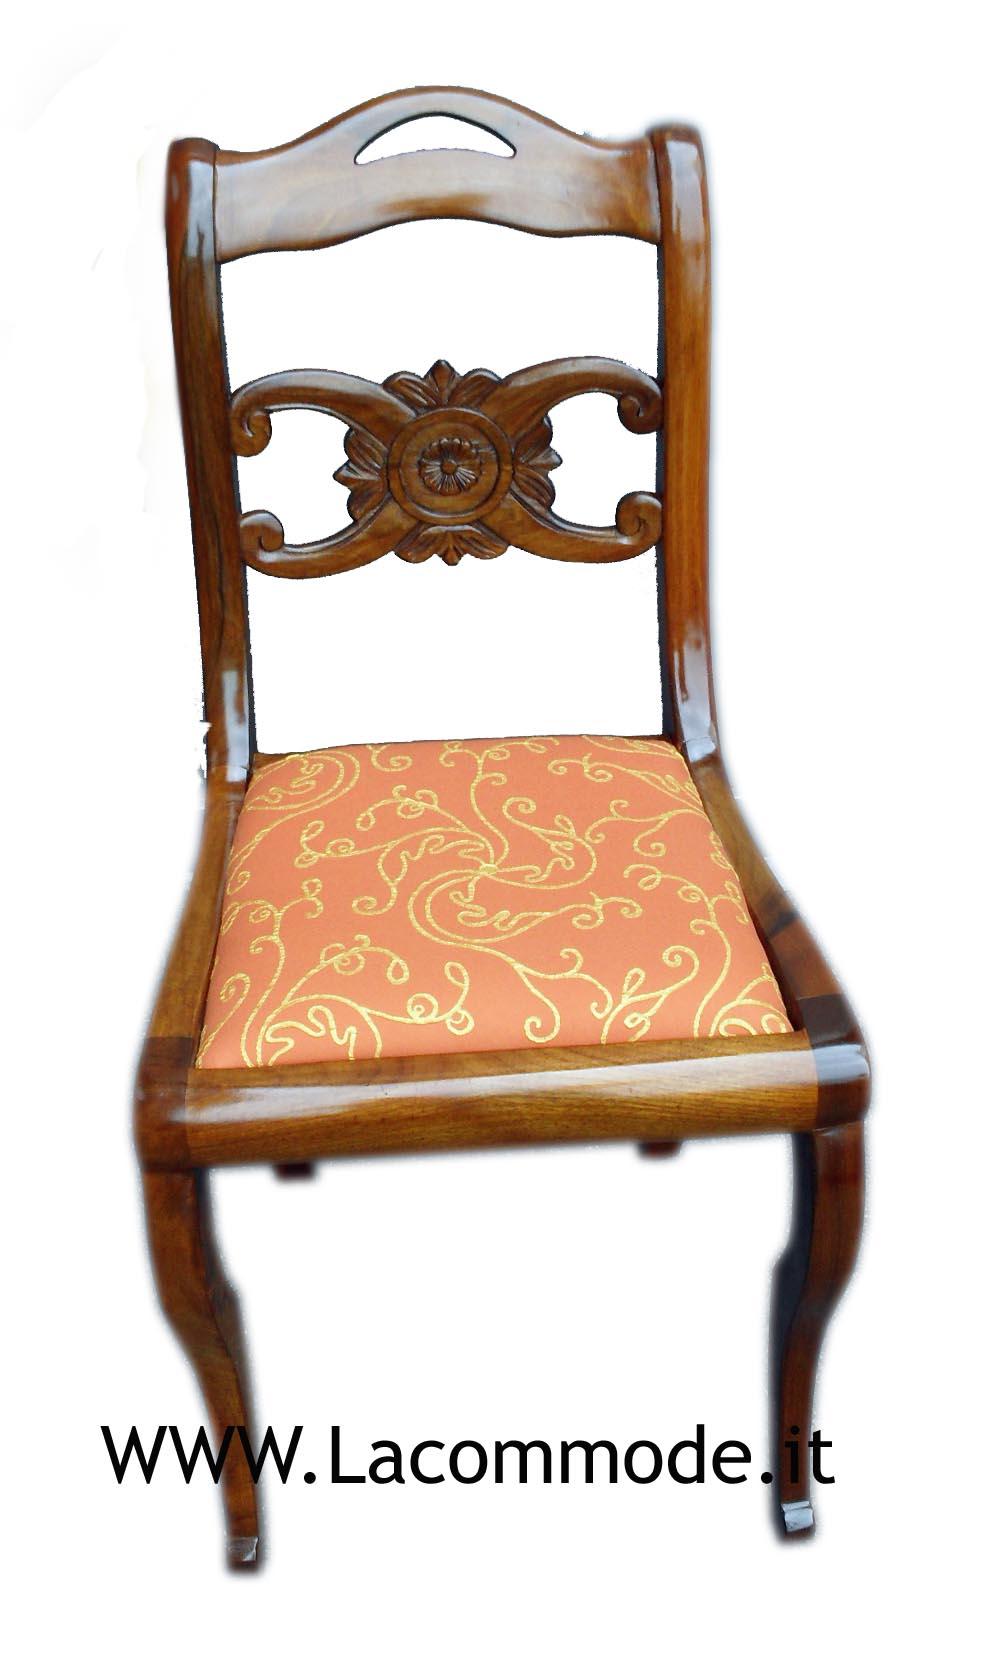 Sedia artigianale con intaglio sullo schienale